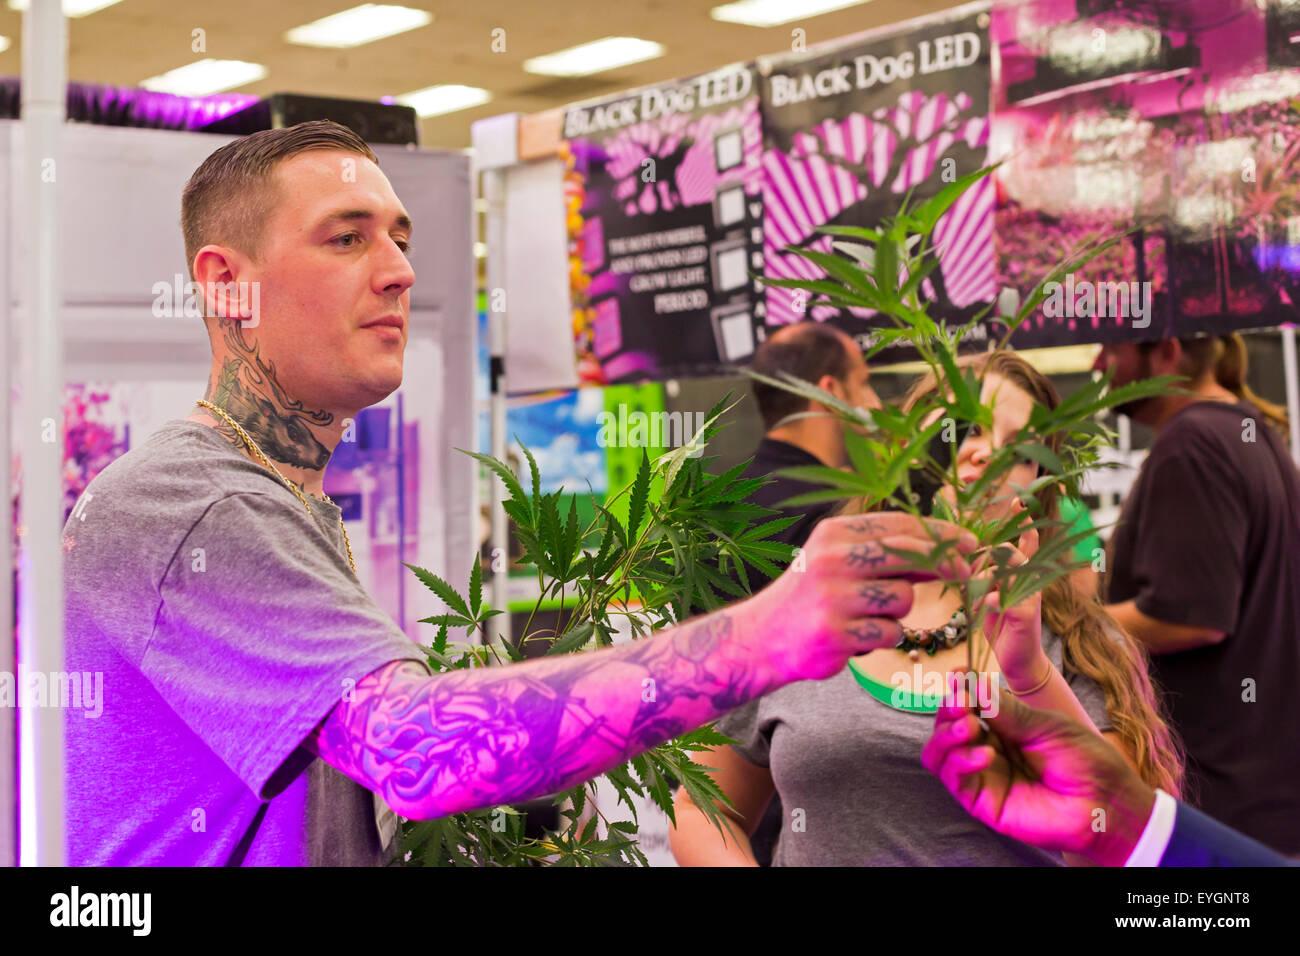 Denver, Colorado - Un vendeur de croître les lumières à l'INDO Expo, un salon commercial de la marijuana. Banque D'Images